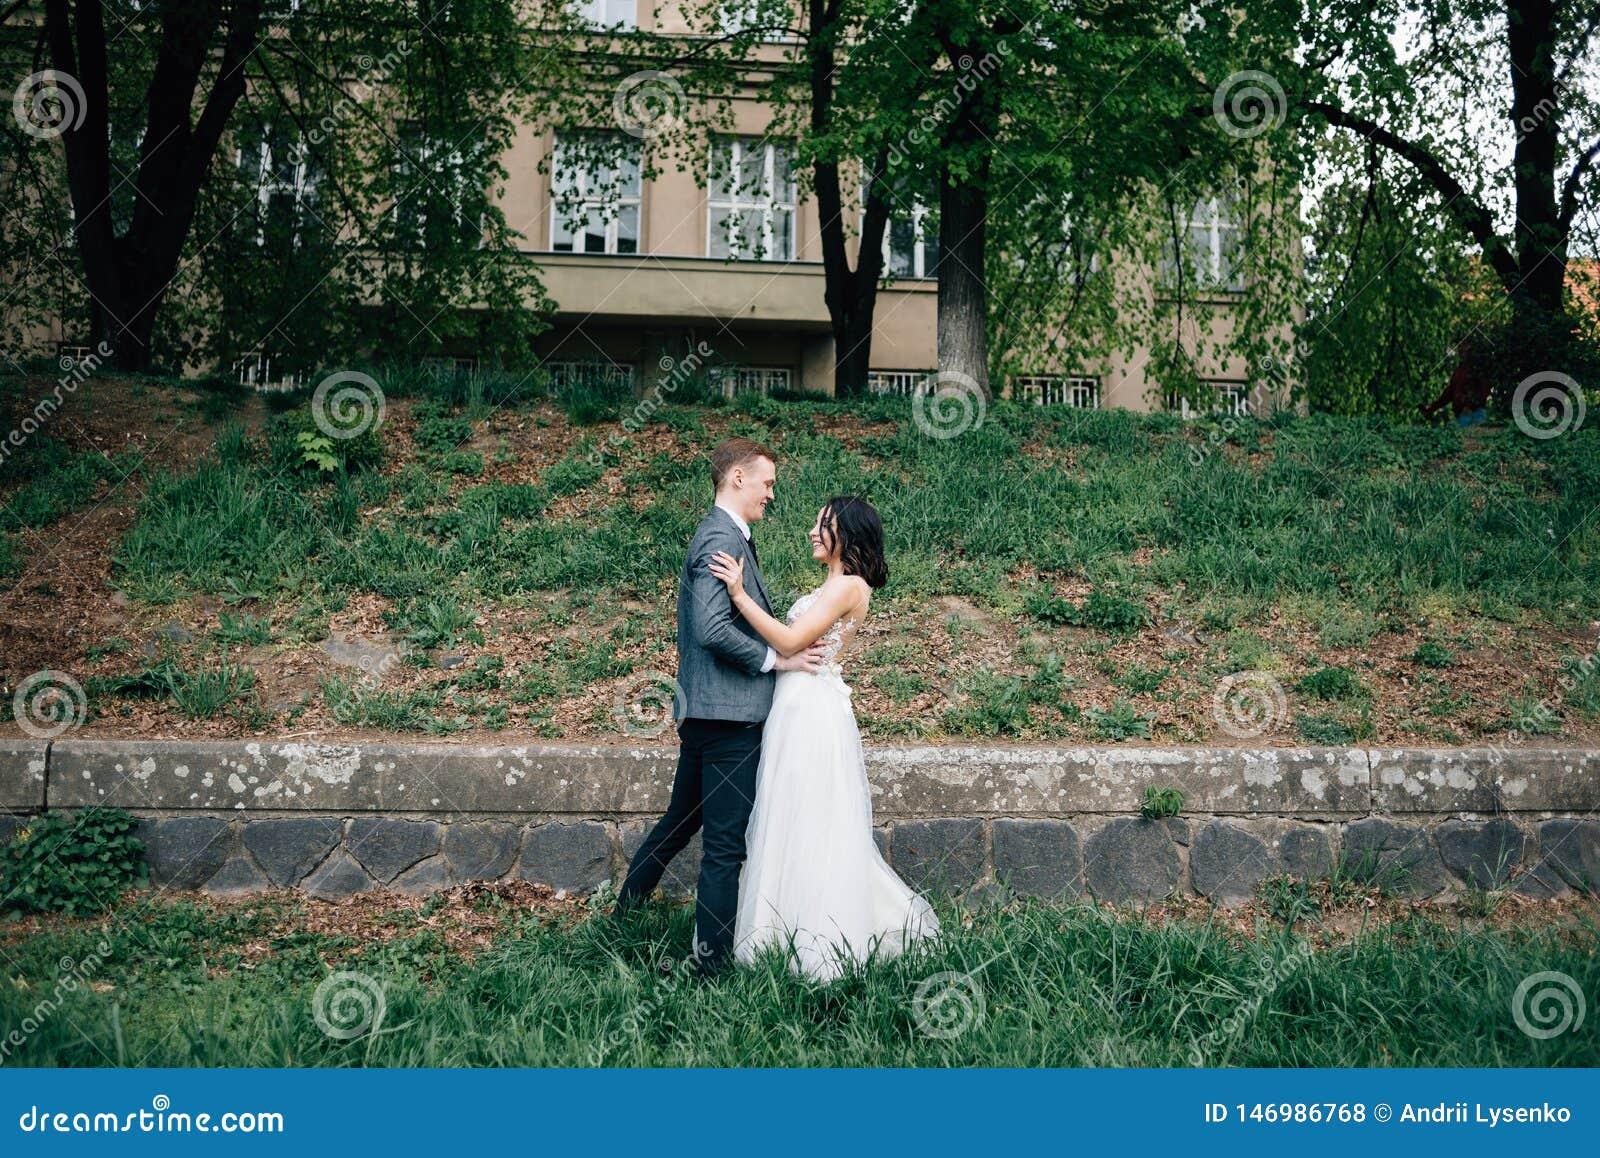 Ζεύγος ερωτευμένο, η νύφη και ο νεόνυμφος, περίπατος στο καθαρό αέρα Φύση, χλόη και πράσινα δέντρα